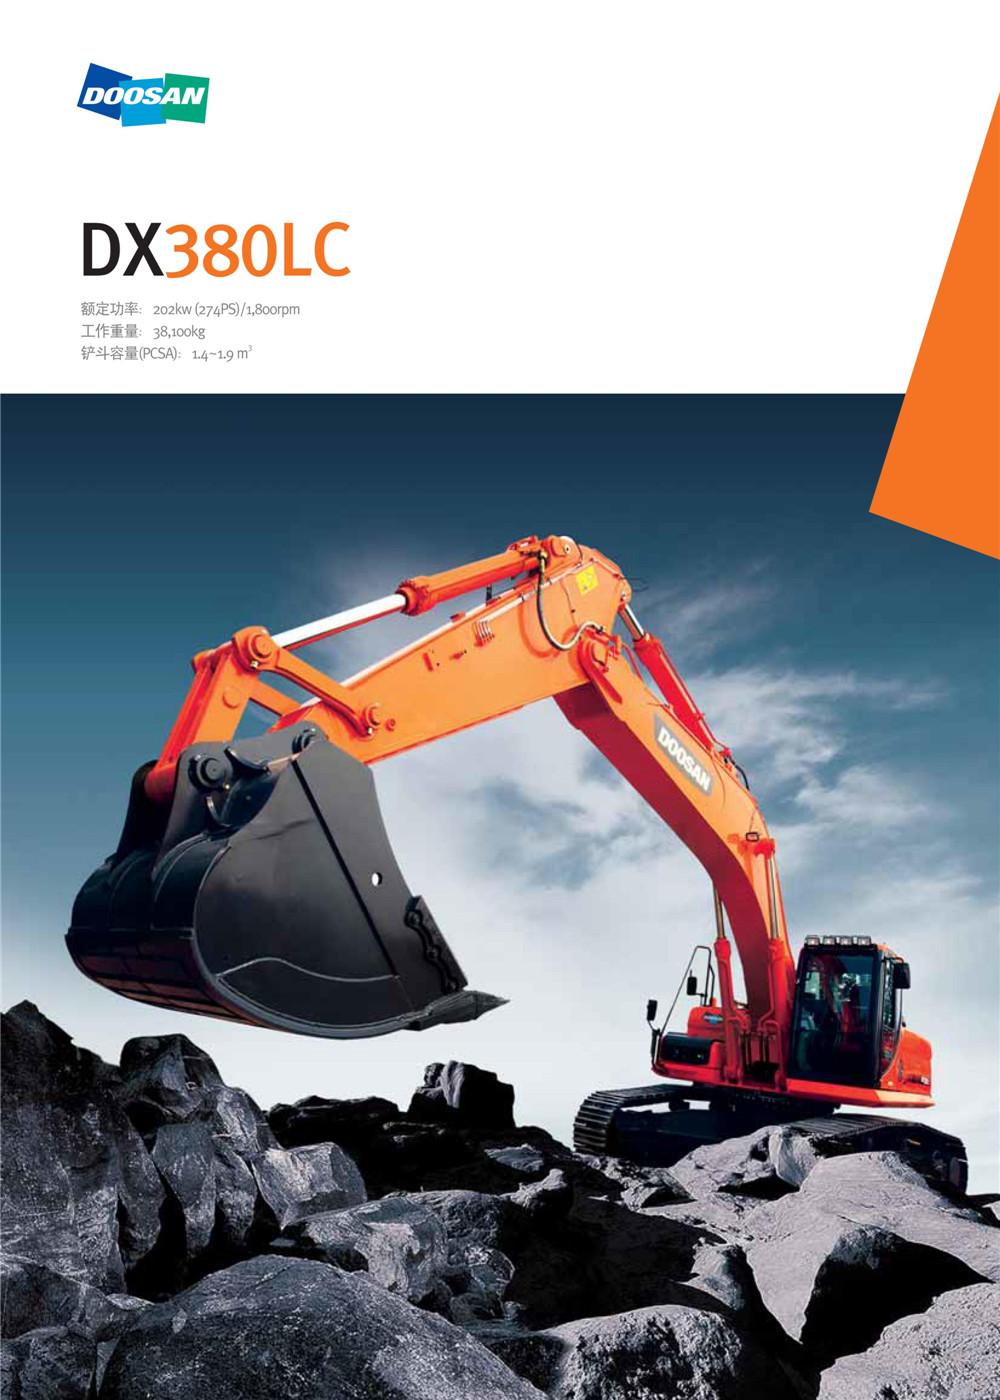 斗山挖掘机dx500lc-258.com企业服务平台